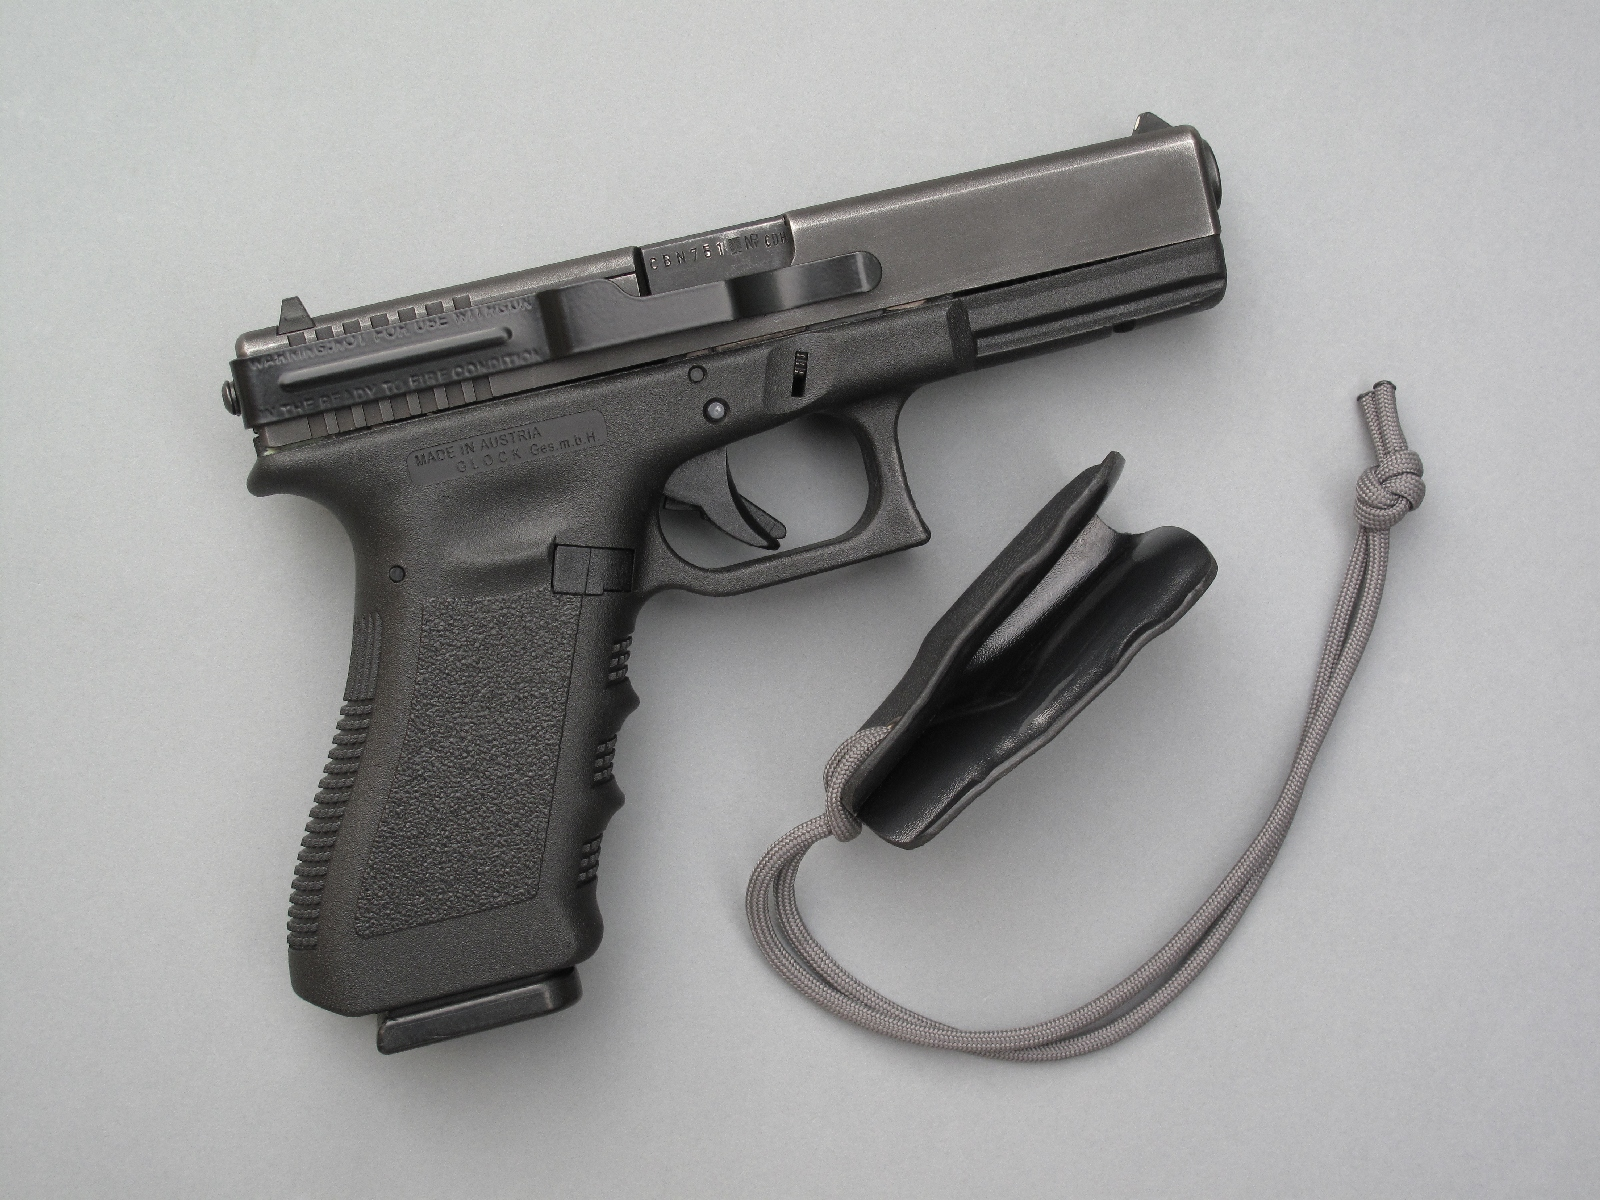 Le « Clipdraw » de la firme américaine Skyline Toolworks peut être installé sur n'importe quel modèle de pistolet Glock en quelques minutes avec, pour seul outil, la petite clé hexagonale de 2 mm livrée avec le clip.